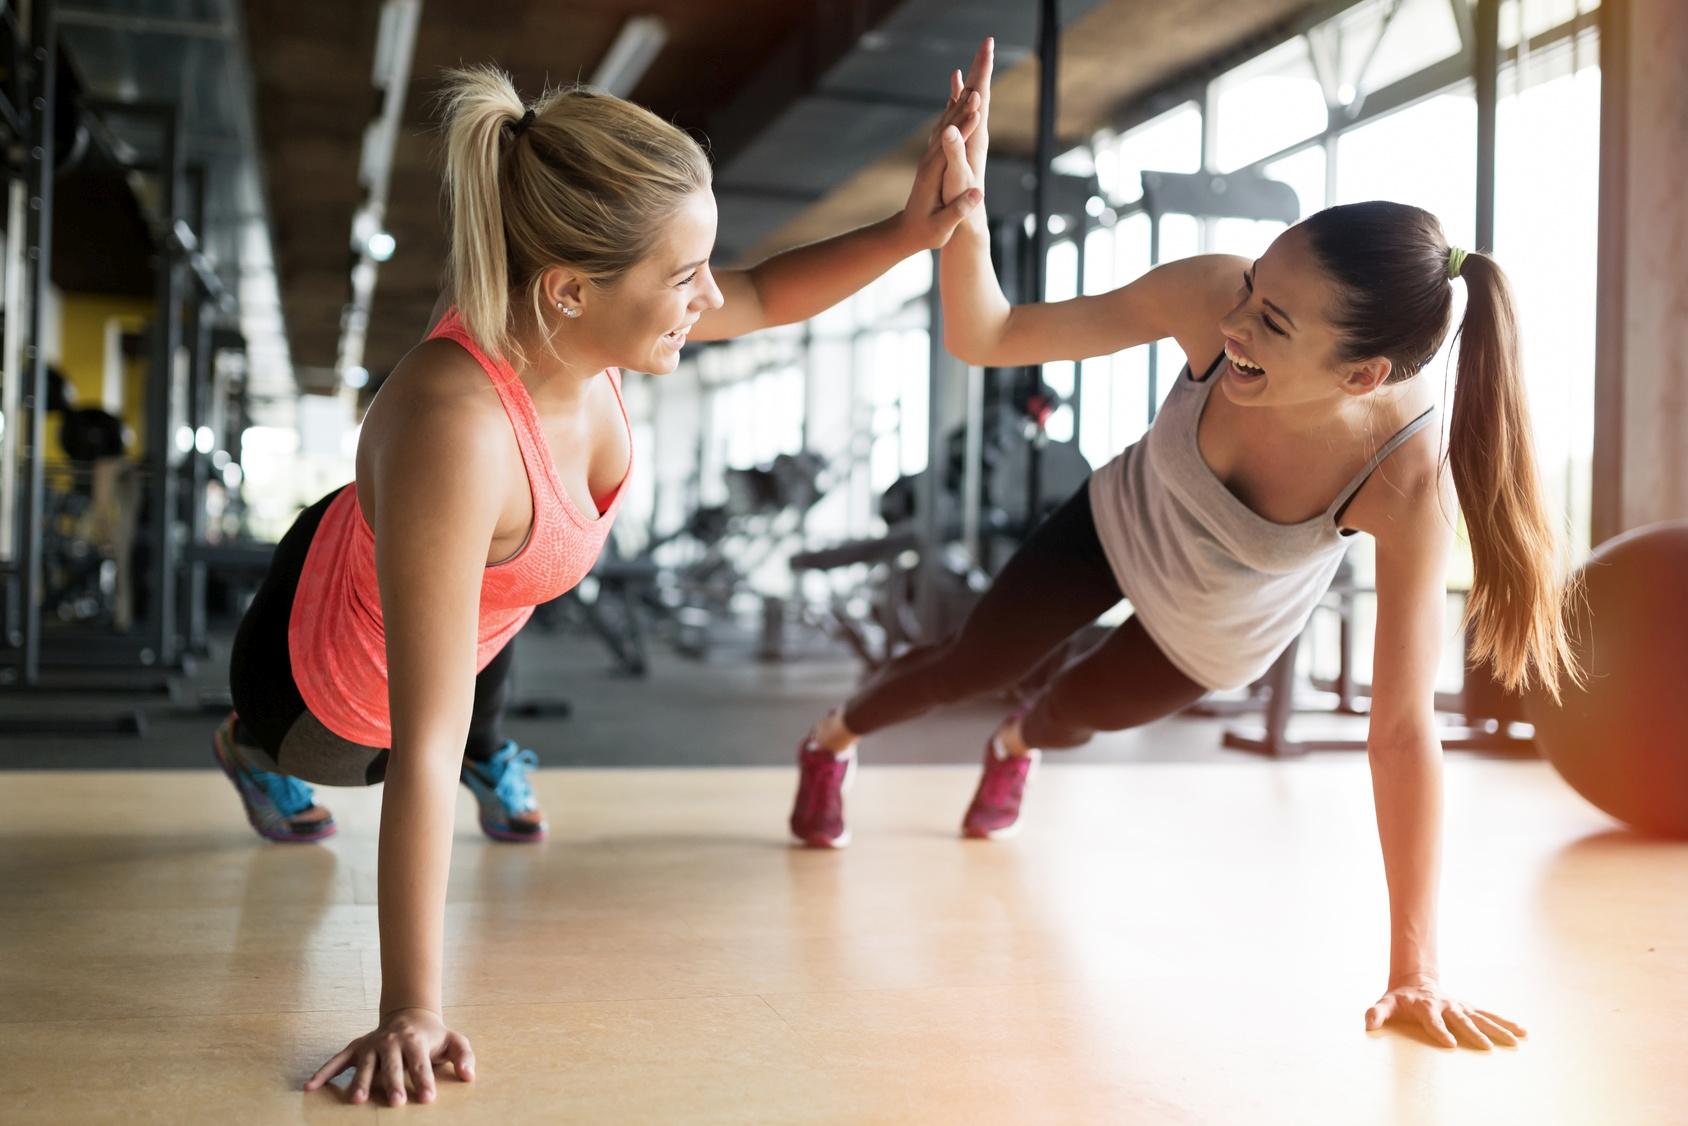 Ćwiczenia dla początkujących bez kondycji w grupie - jak motywować się do regularnej aktywności fizycznej? Połącz ćwiczenia w grupie, monitoring aktywności i zbilansowaną dietę bogatą w witaminę K i D, które wspierają kości i stawy.